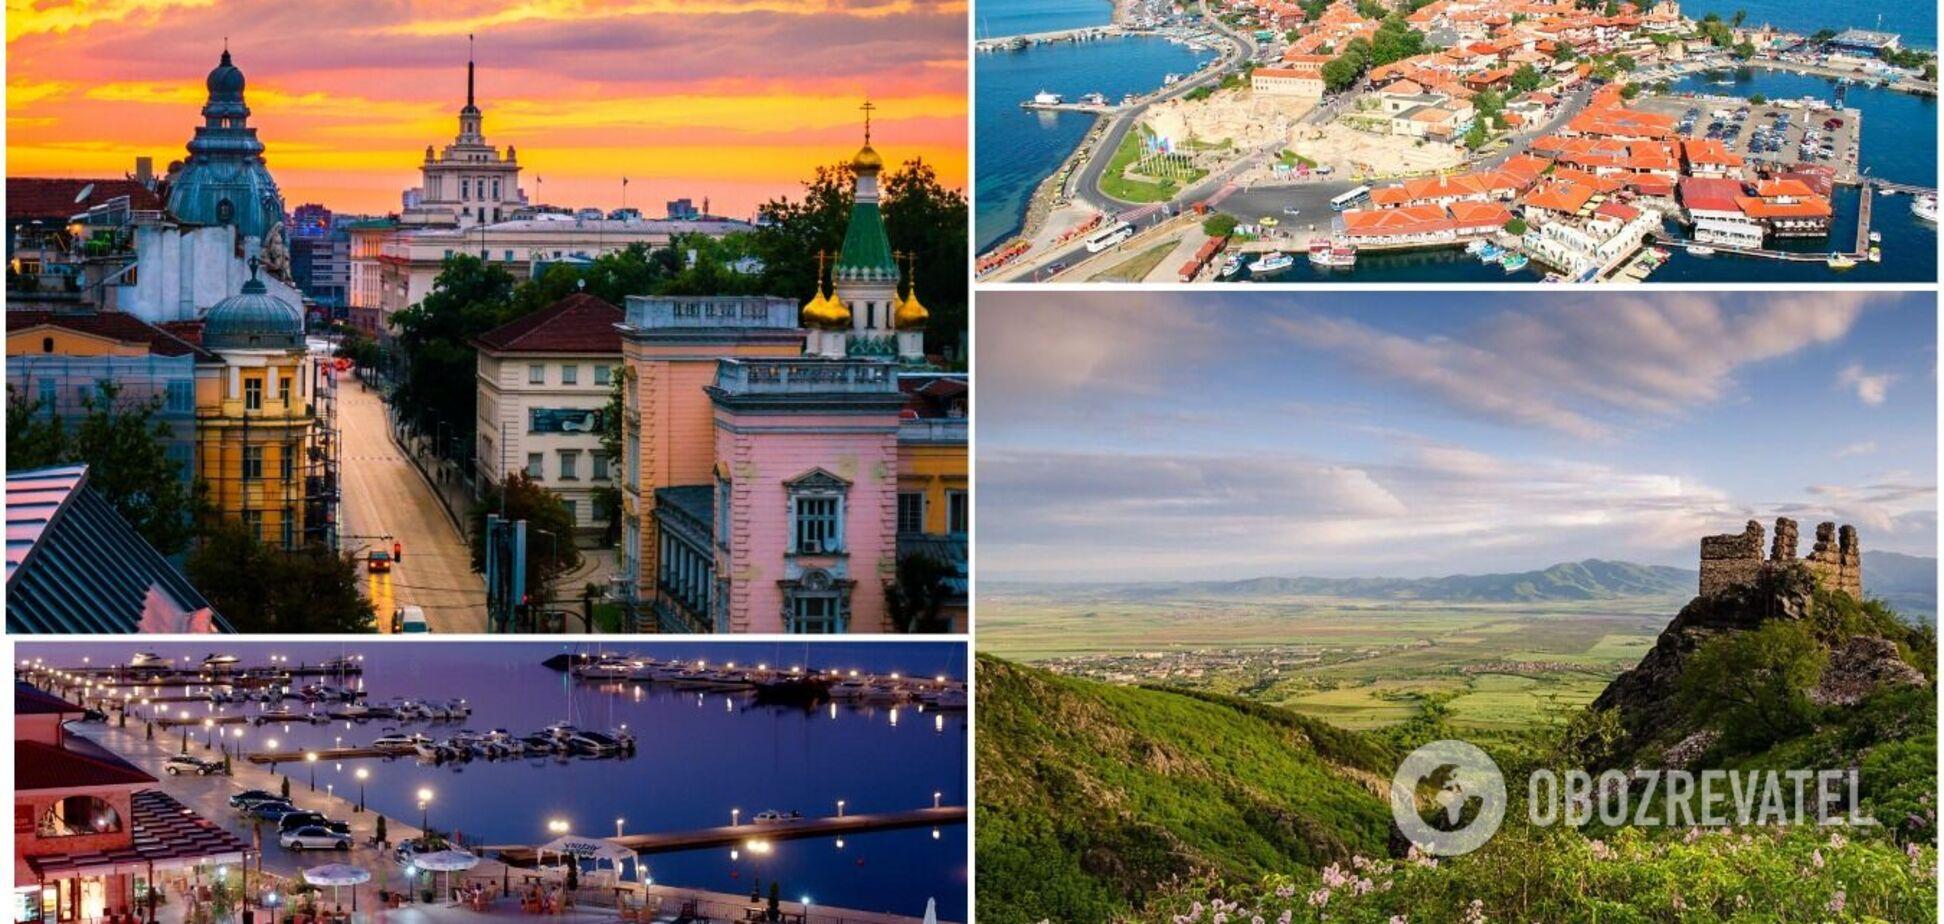 Отдых в Болгарии: сколько стоит путевка, что посмотреть и самые лучшие курорты